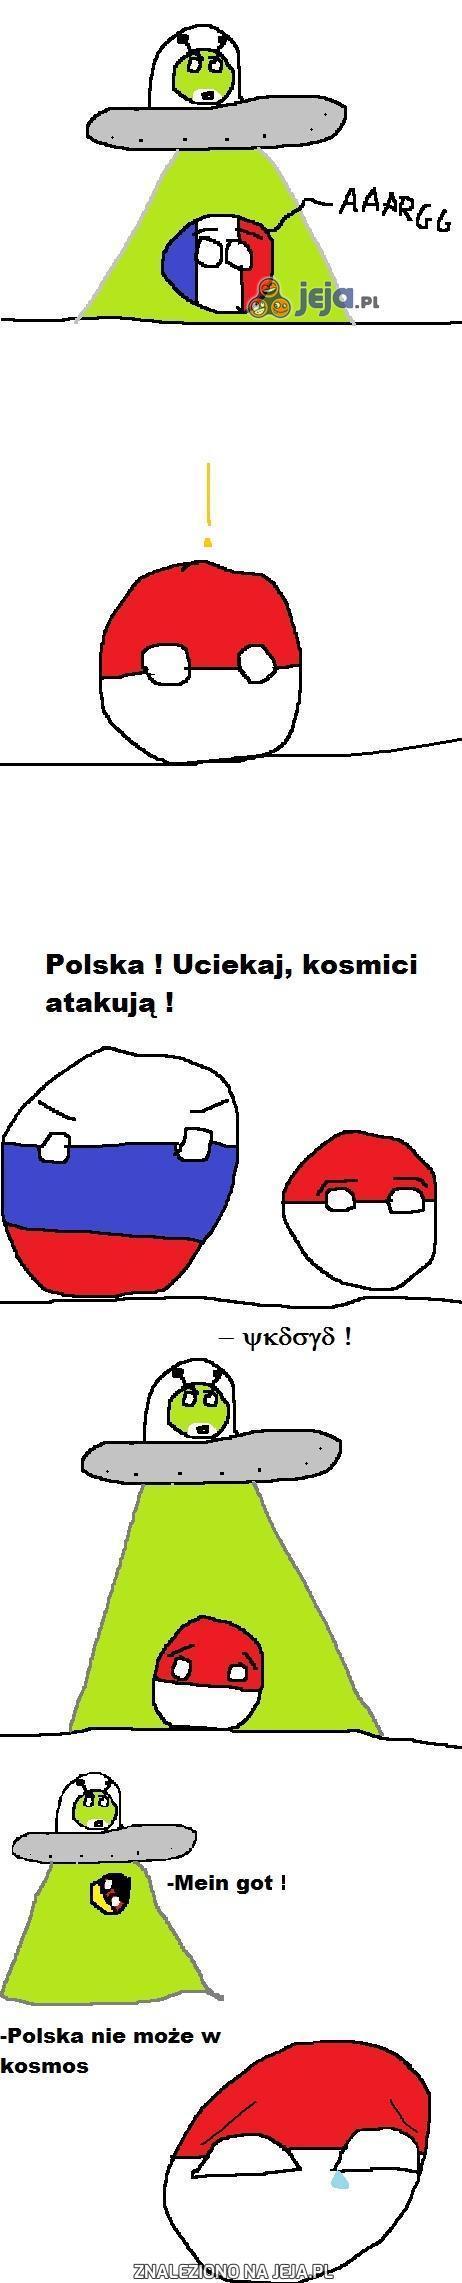 Polska, uciekaj, kosmici!